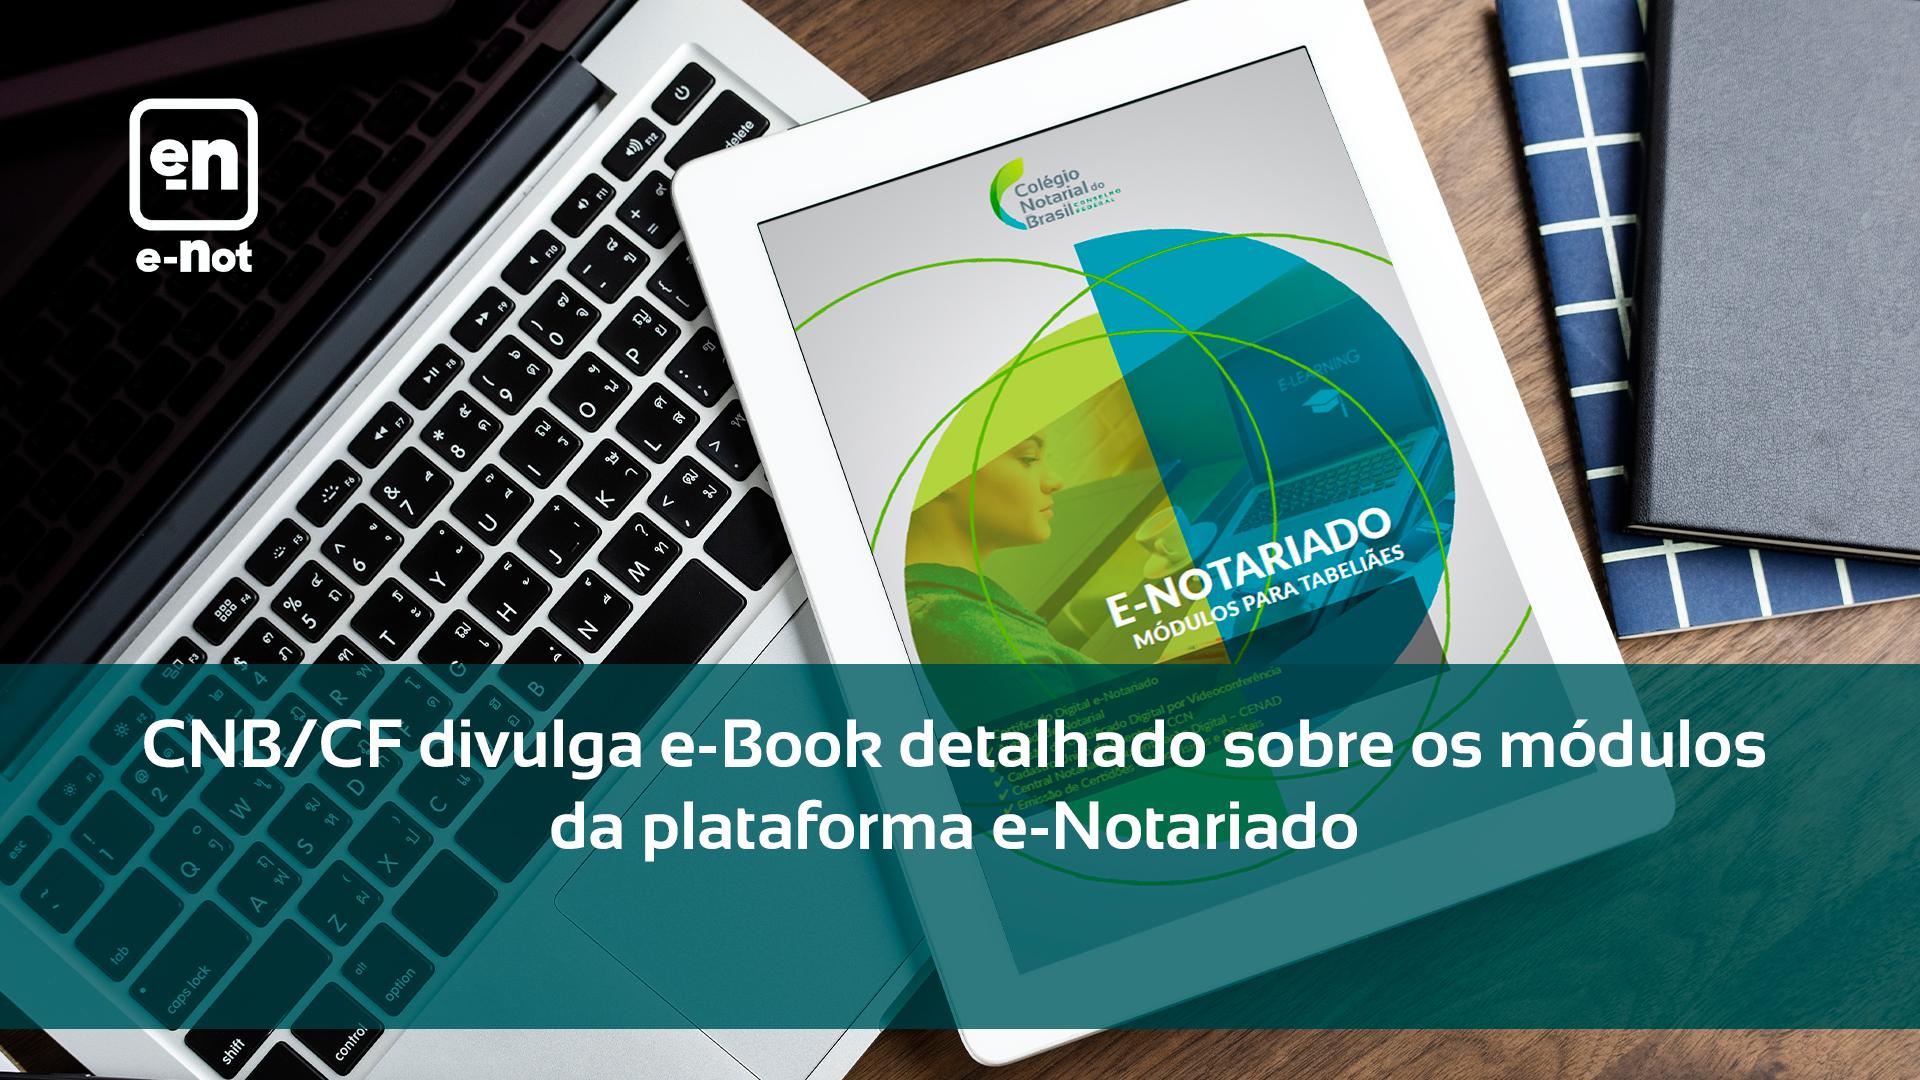 CNB/CF Divulga E-Book Detalhado Sobre Os Módulos Da Plataforma E-Notariado